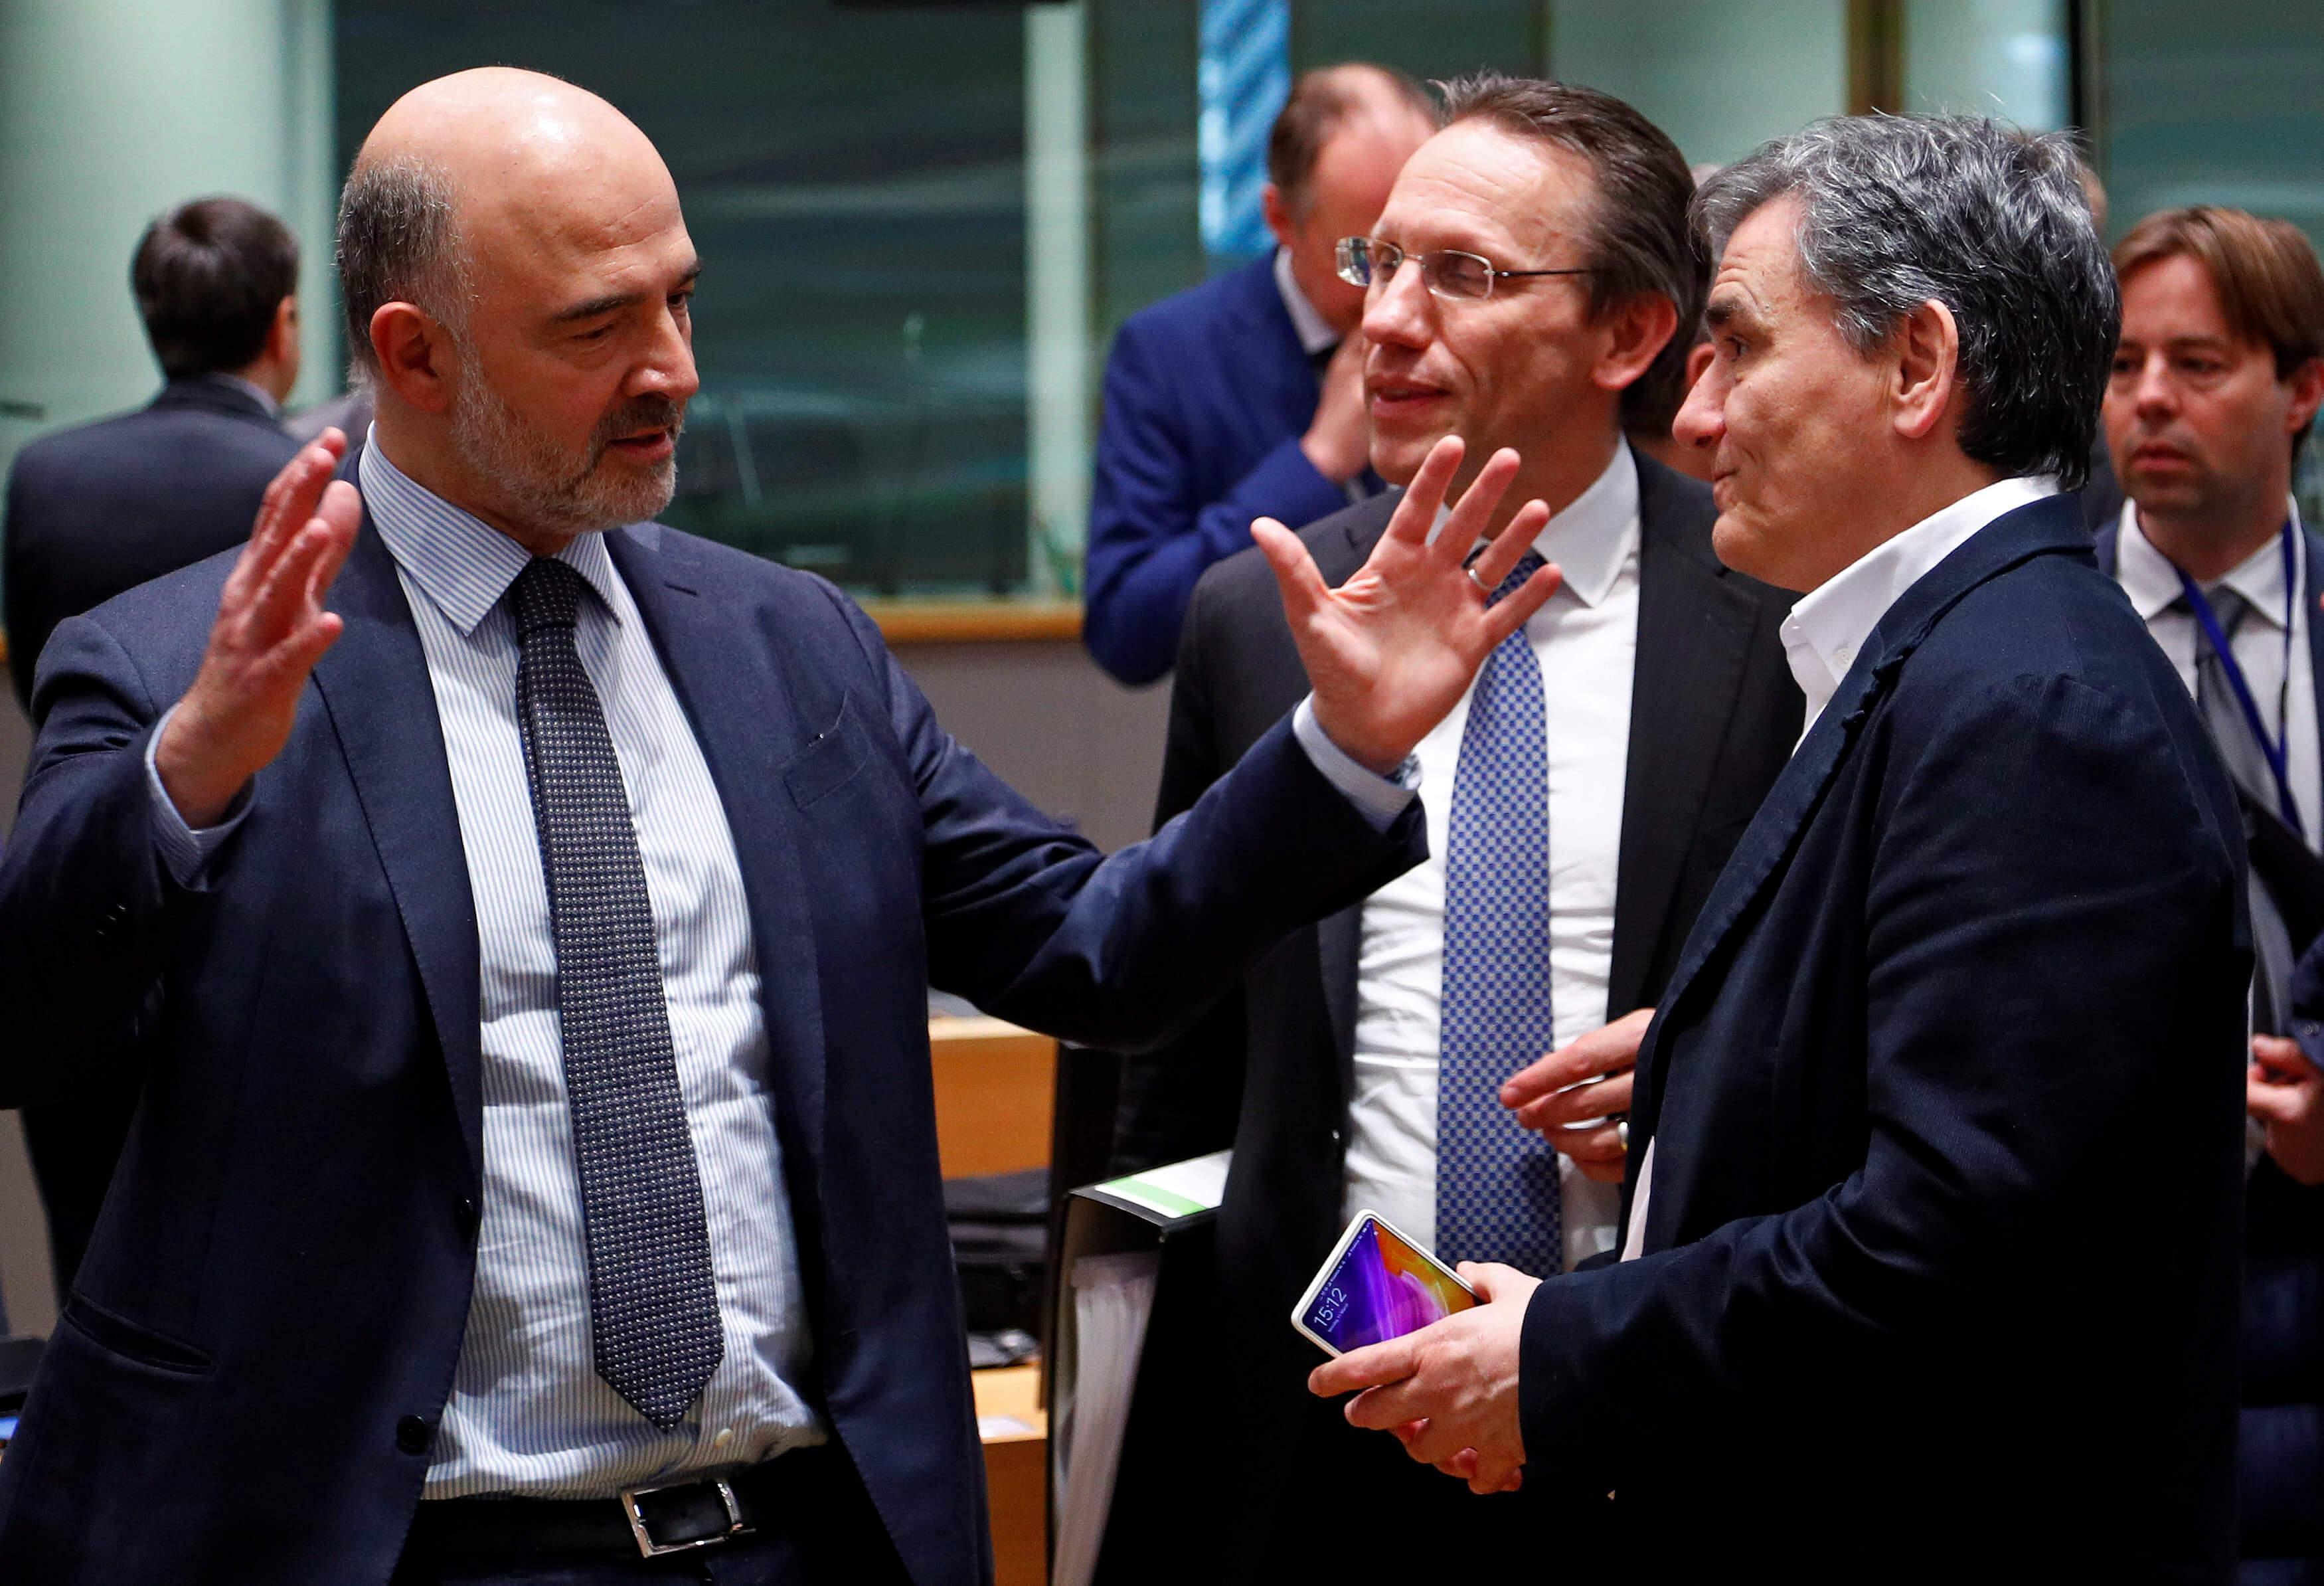 """Θα πει... """"αντίο"""" στο Eurogroup ο Τσακαλώτος; Γκρίνια πίσω από τις κλειστές πόρτες"""